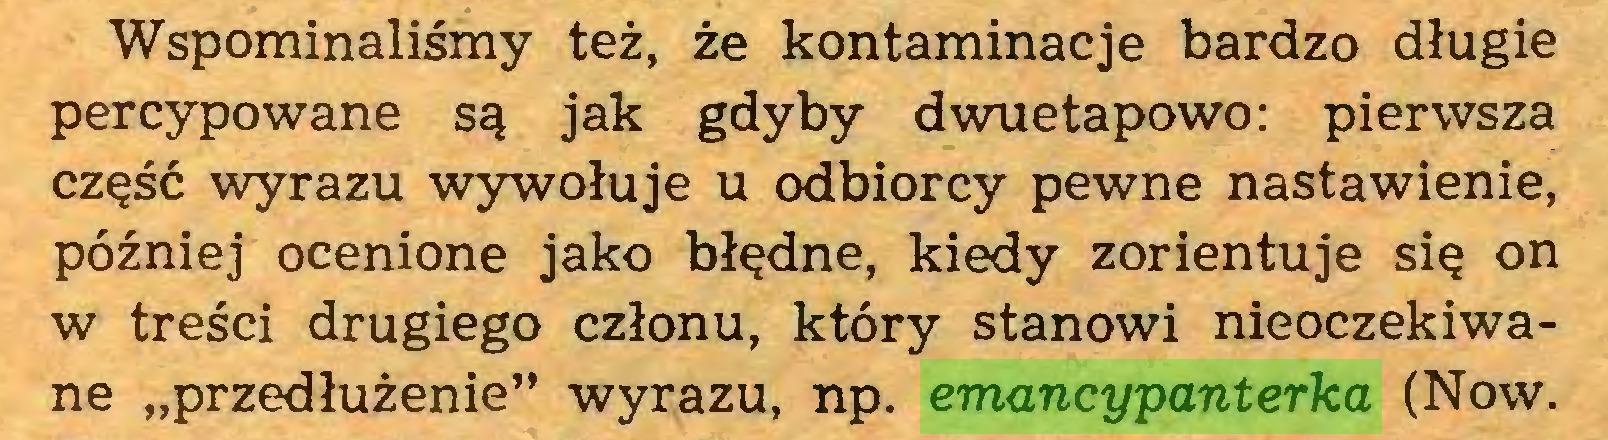 """(...) Wspominaliśmy też, że kontaminacje bardzo długie percypowane są jak gdyby dwuetapowo: pierwsza część wyrazu wywołuje u odbiorcy pewne nastawienie, później ocenione jako błędne, kiedy zorientuje się on w treści drugiego członu, który stanowi nieoczekiwane """"przedłużenie"""" wyrazu, np. emancypanterka (Now..."""